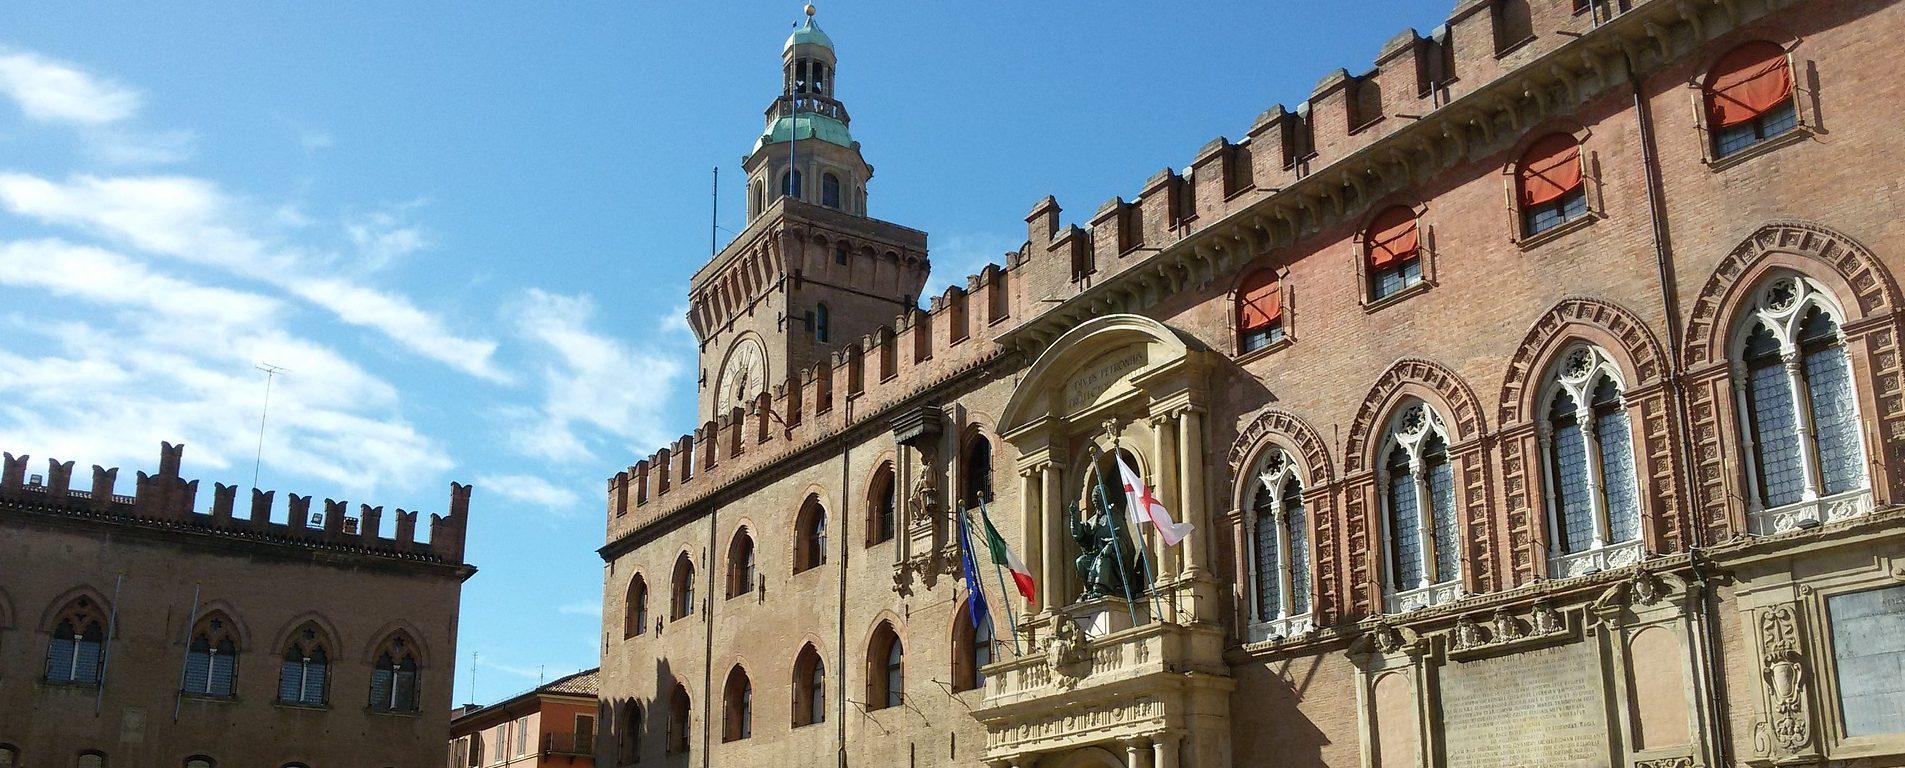 Registrazioni effettuate a Bologna e Torino